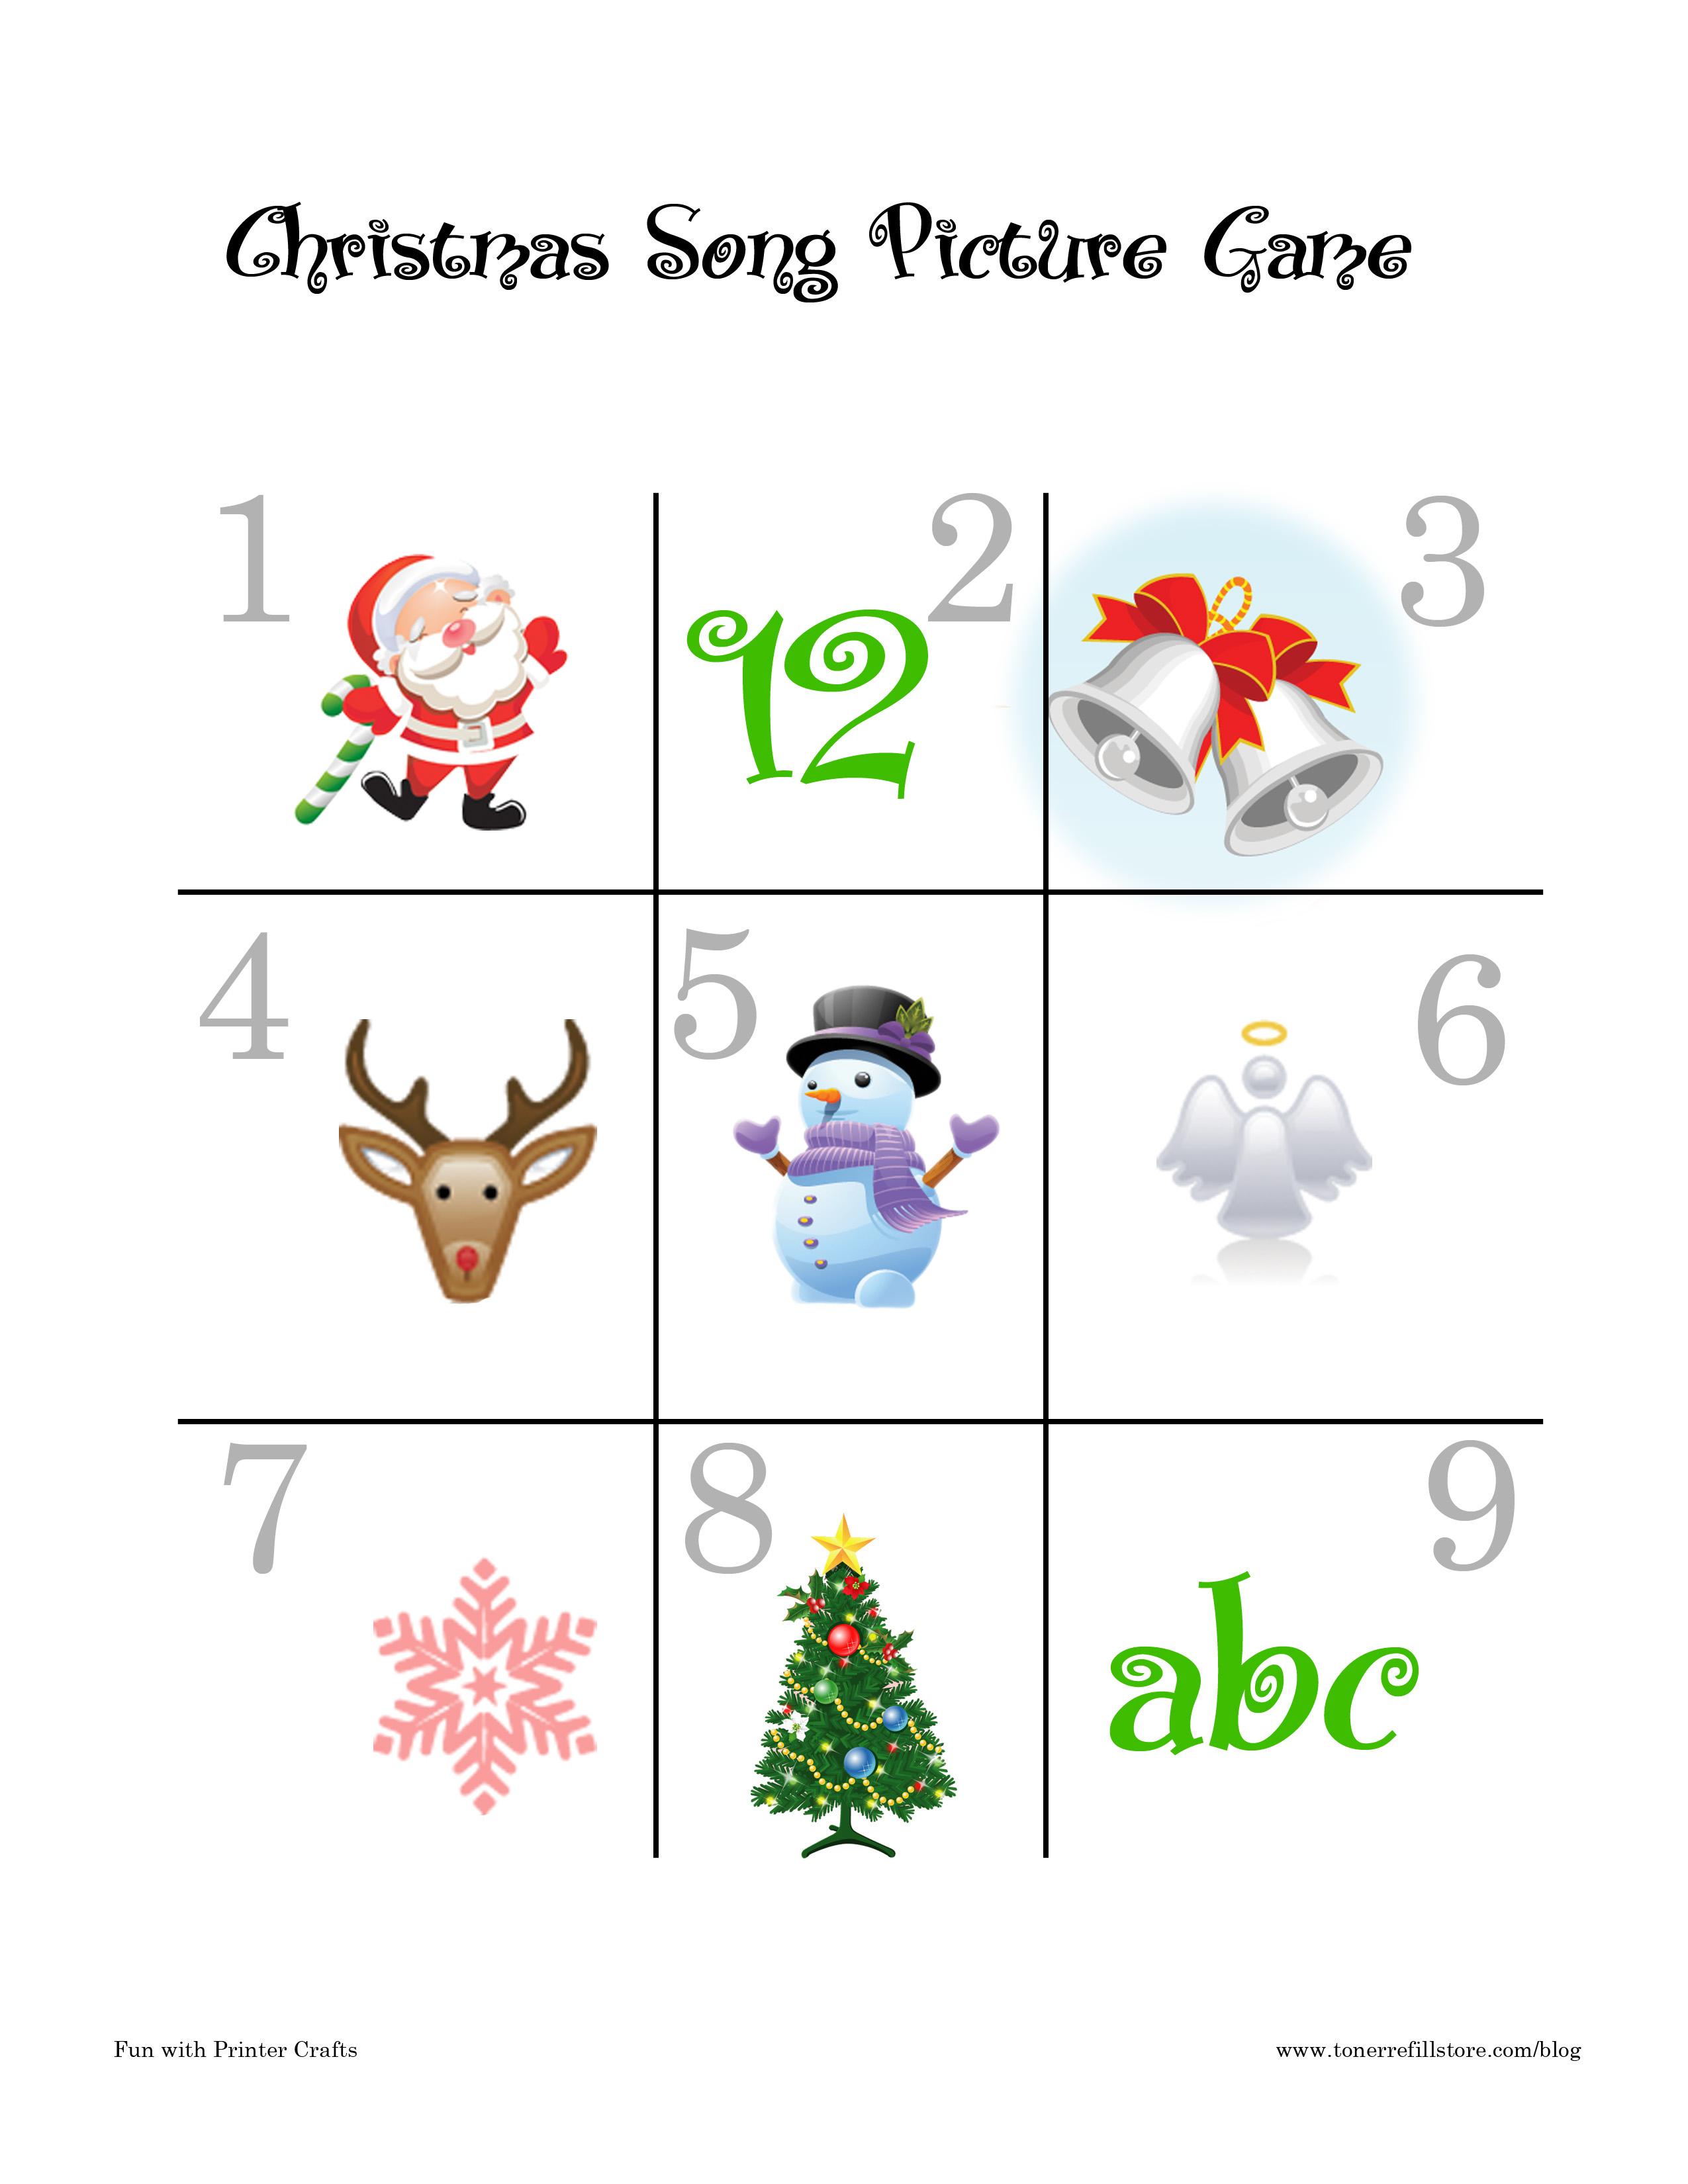 Christmas Song Games : Fun Printable Christmas Games For Kids - Fun - Free Printable Christmas Song Picture Game